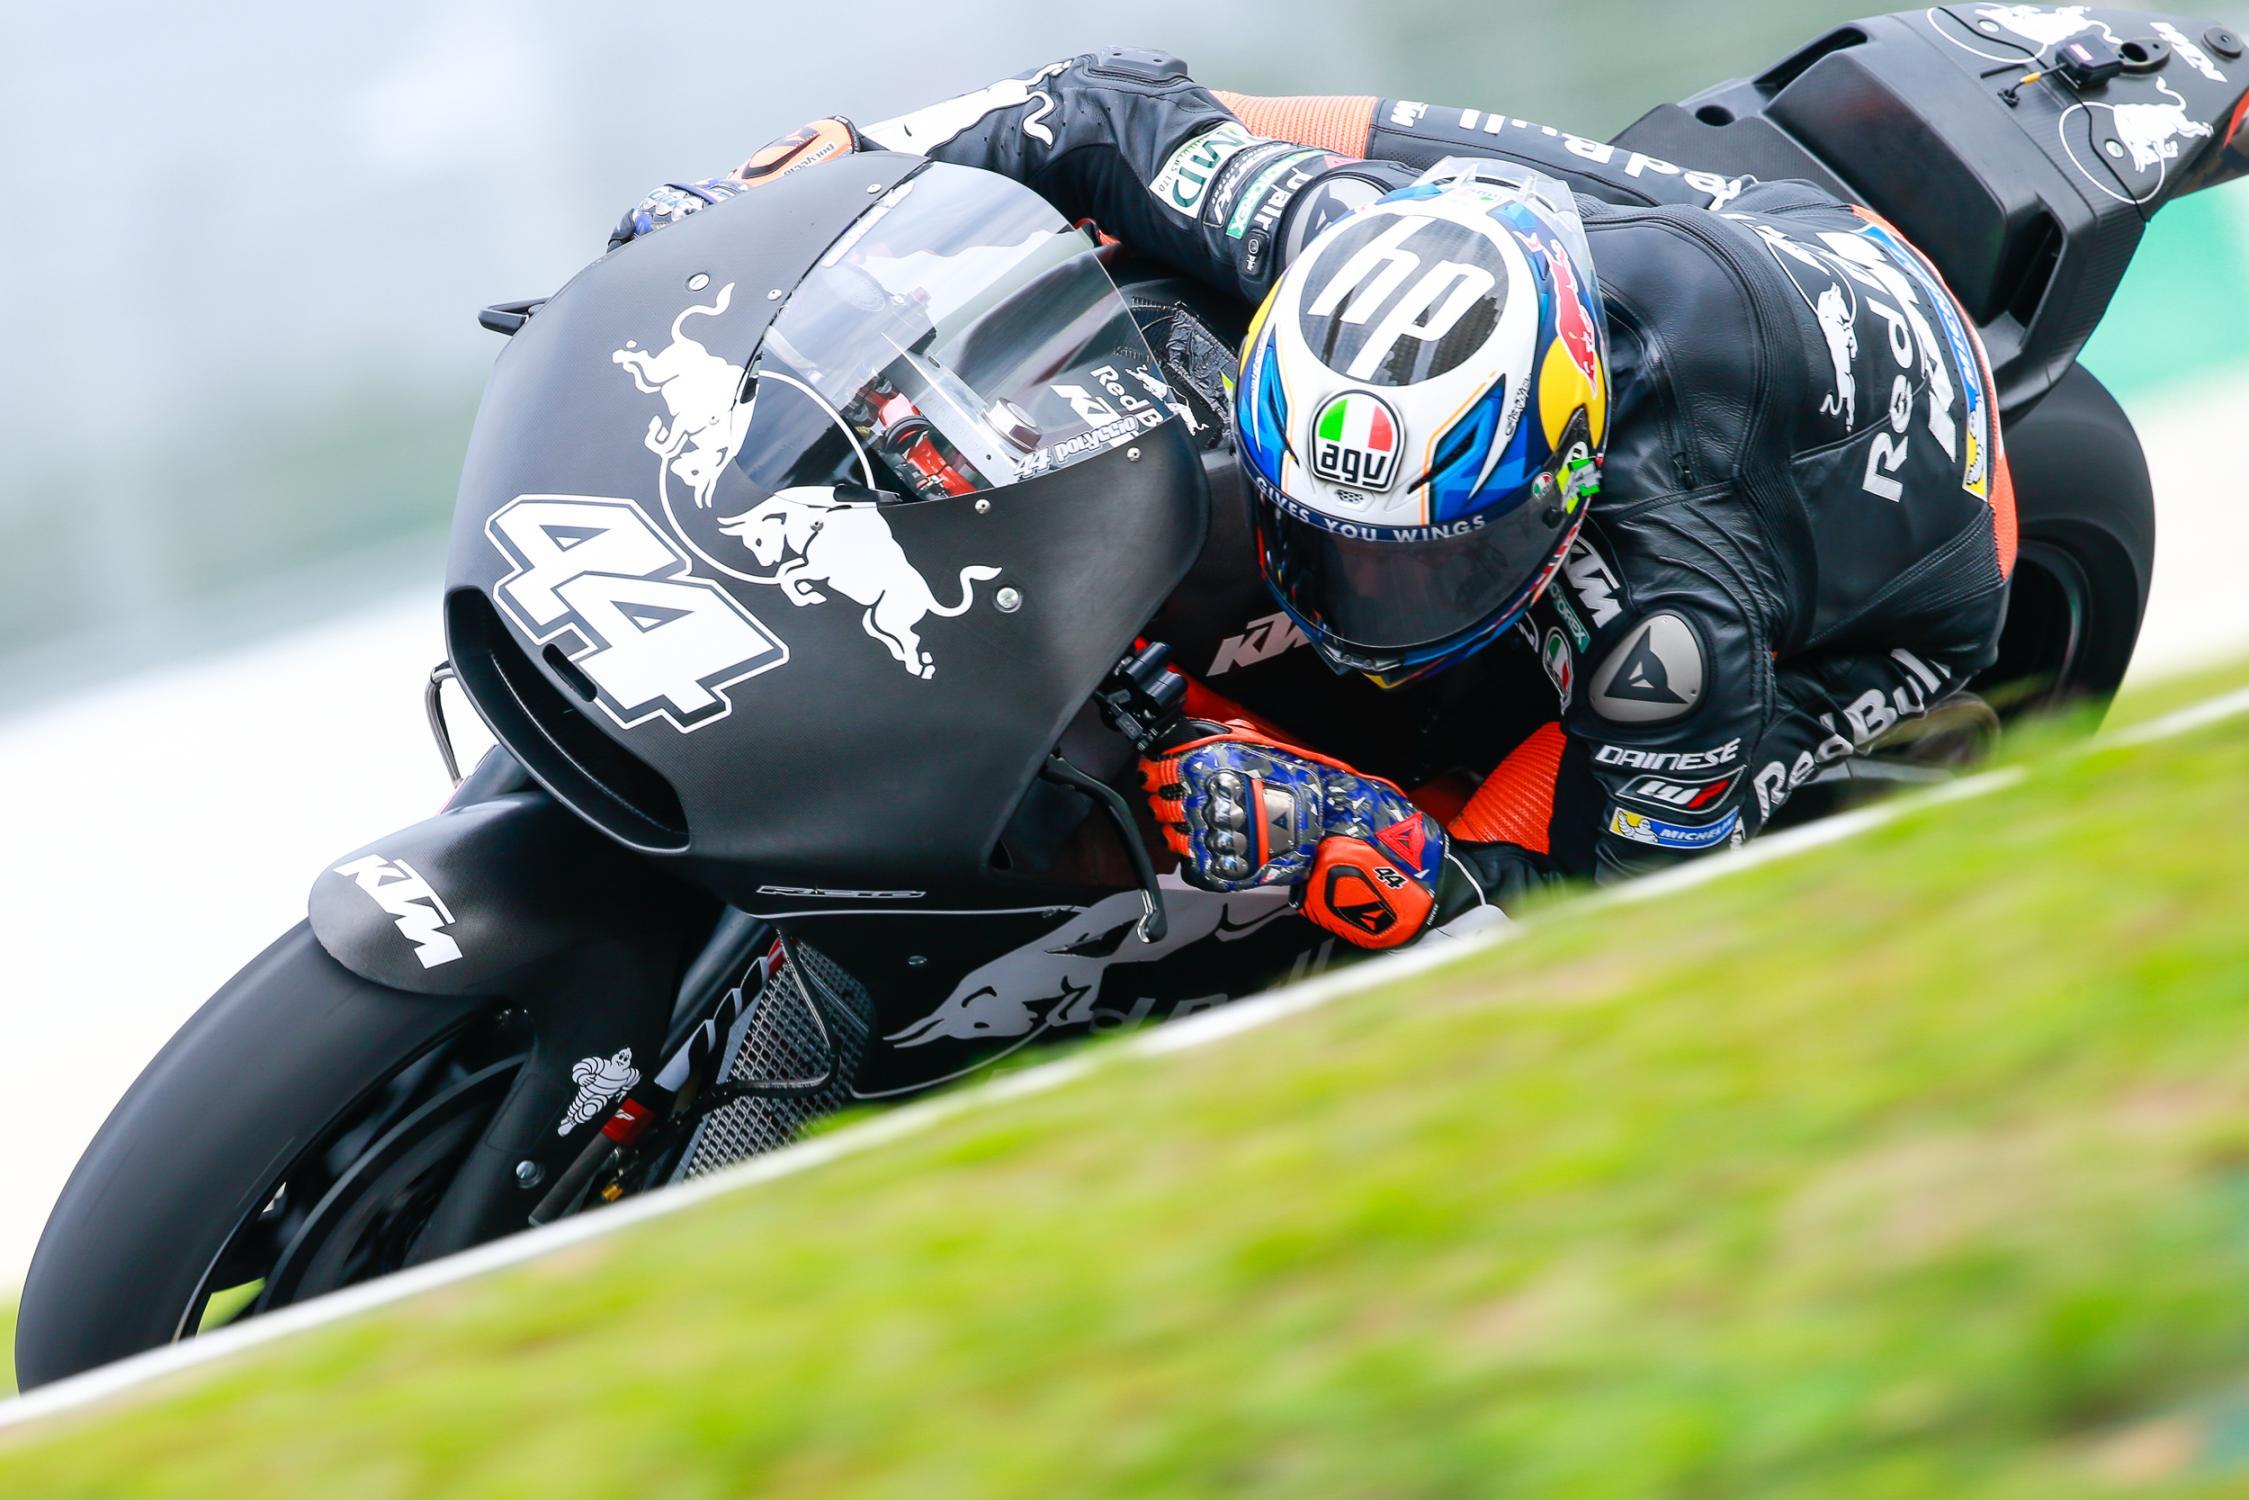 [MotoGP] Test Sepang 44-pol-espargaro-esp_gp_8934.gallery_full_top_fullscreen